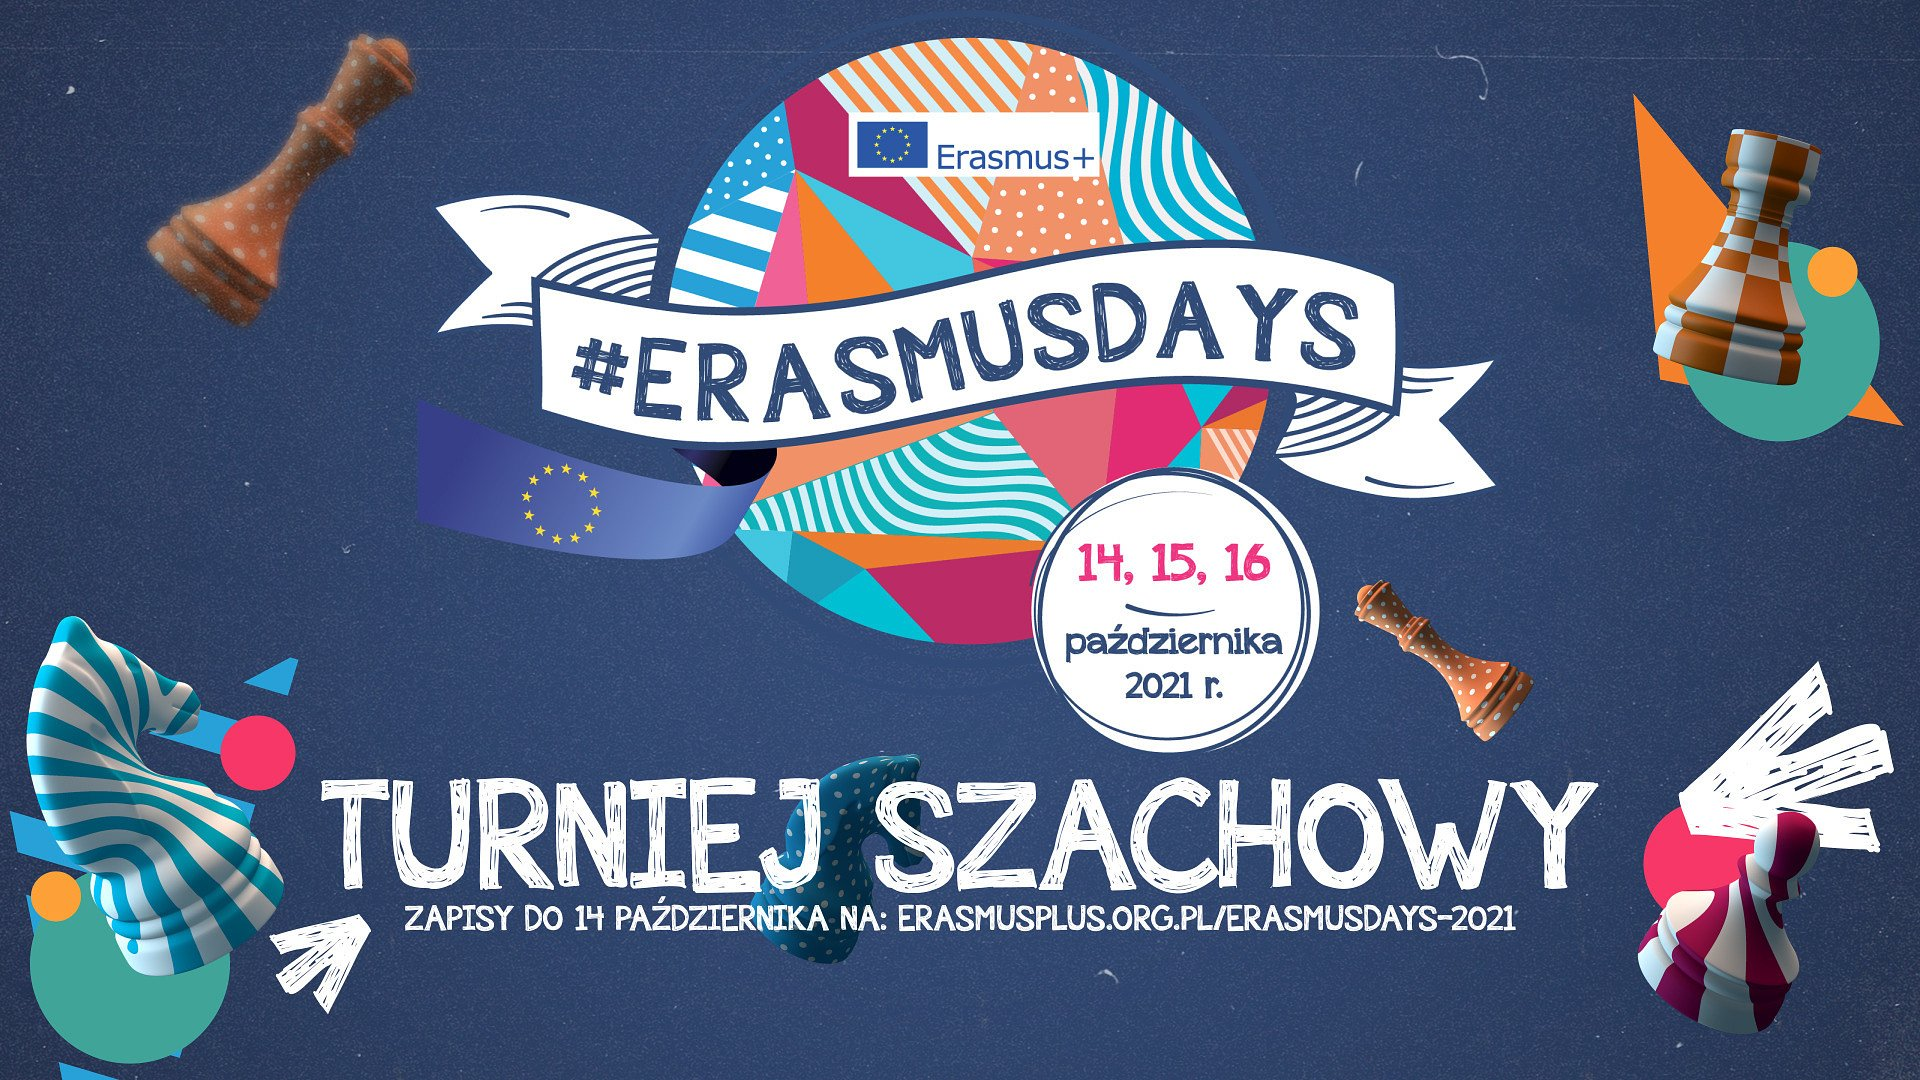 Erasmus Days - Turniej Szachowy Online